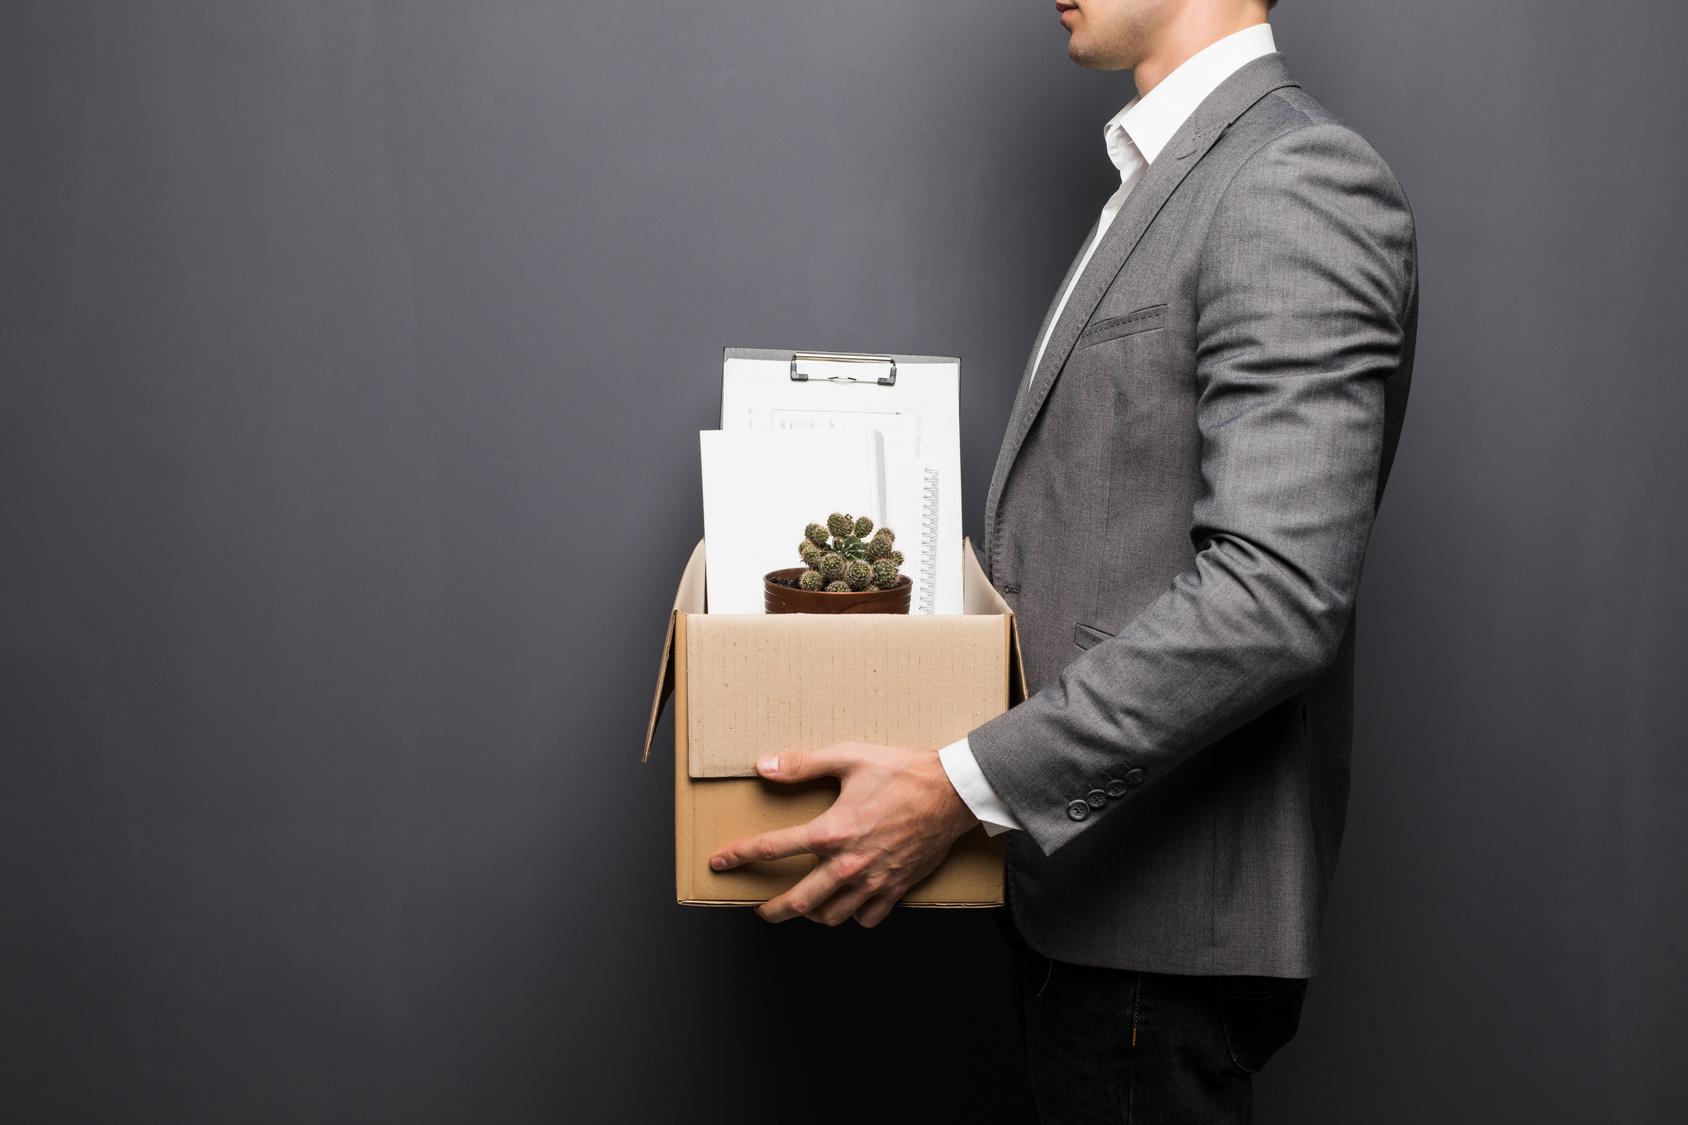 Issa Asad Shares 3 Mistakes Entrepreneurs Make When Earning More Money